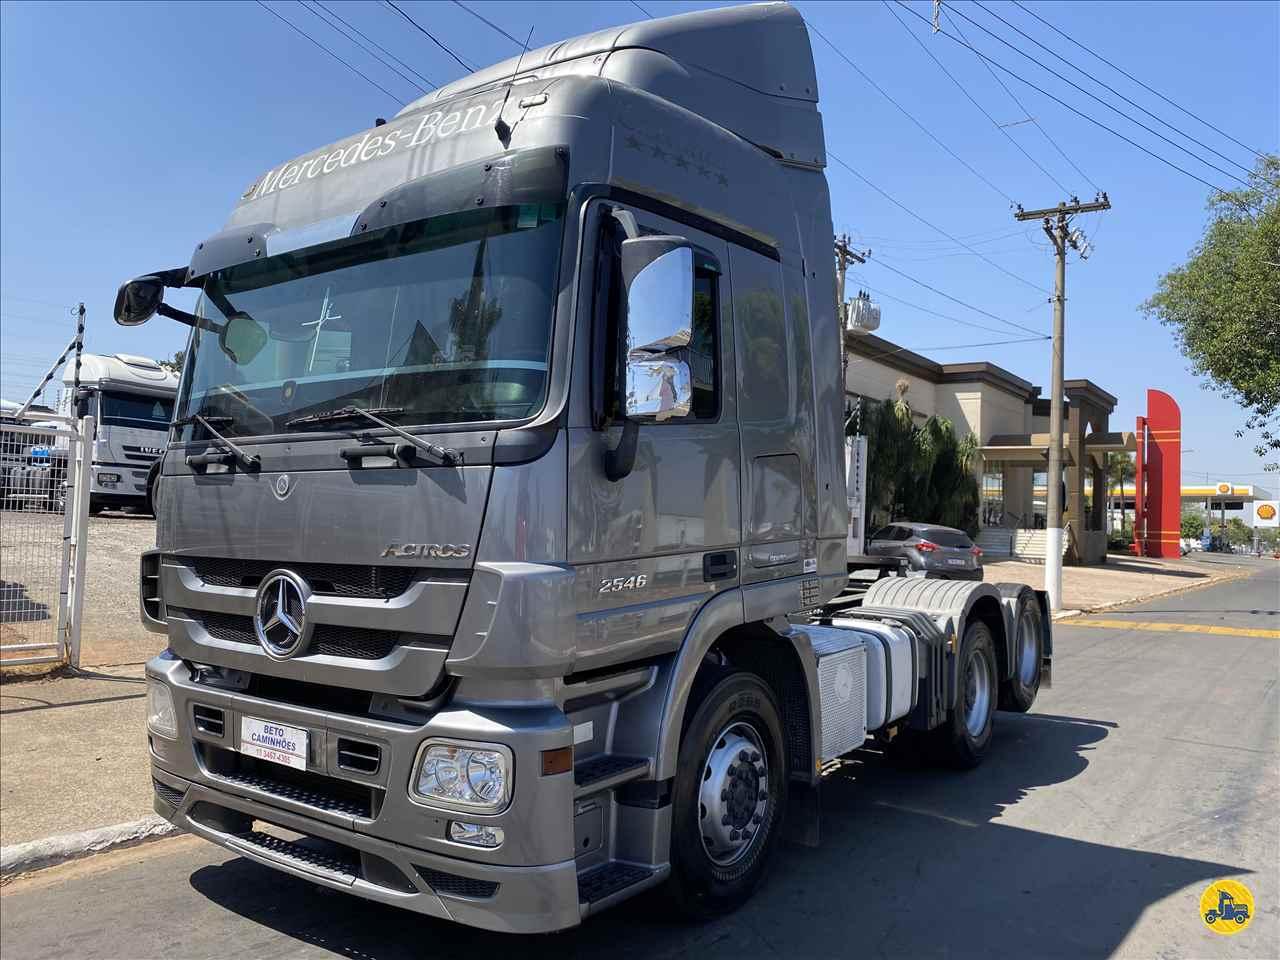 CAMINHAO MERCEDES-BENZ MB 2546 Cavalo Mecânico Truck 6x2 Beto Caminhões Piracicaba AMERICANA SÃO PAULO SP